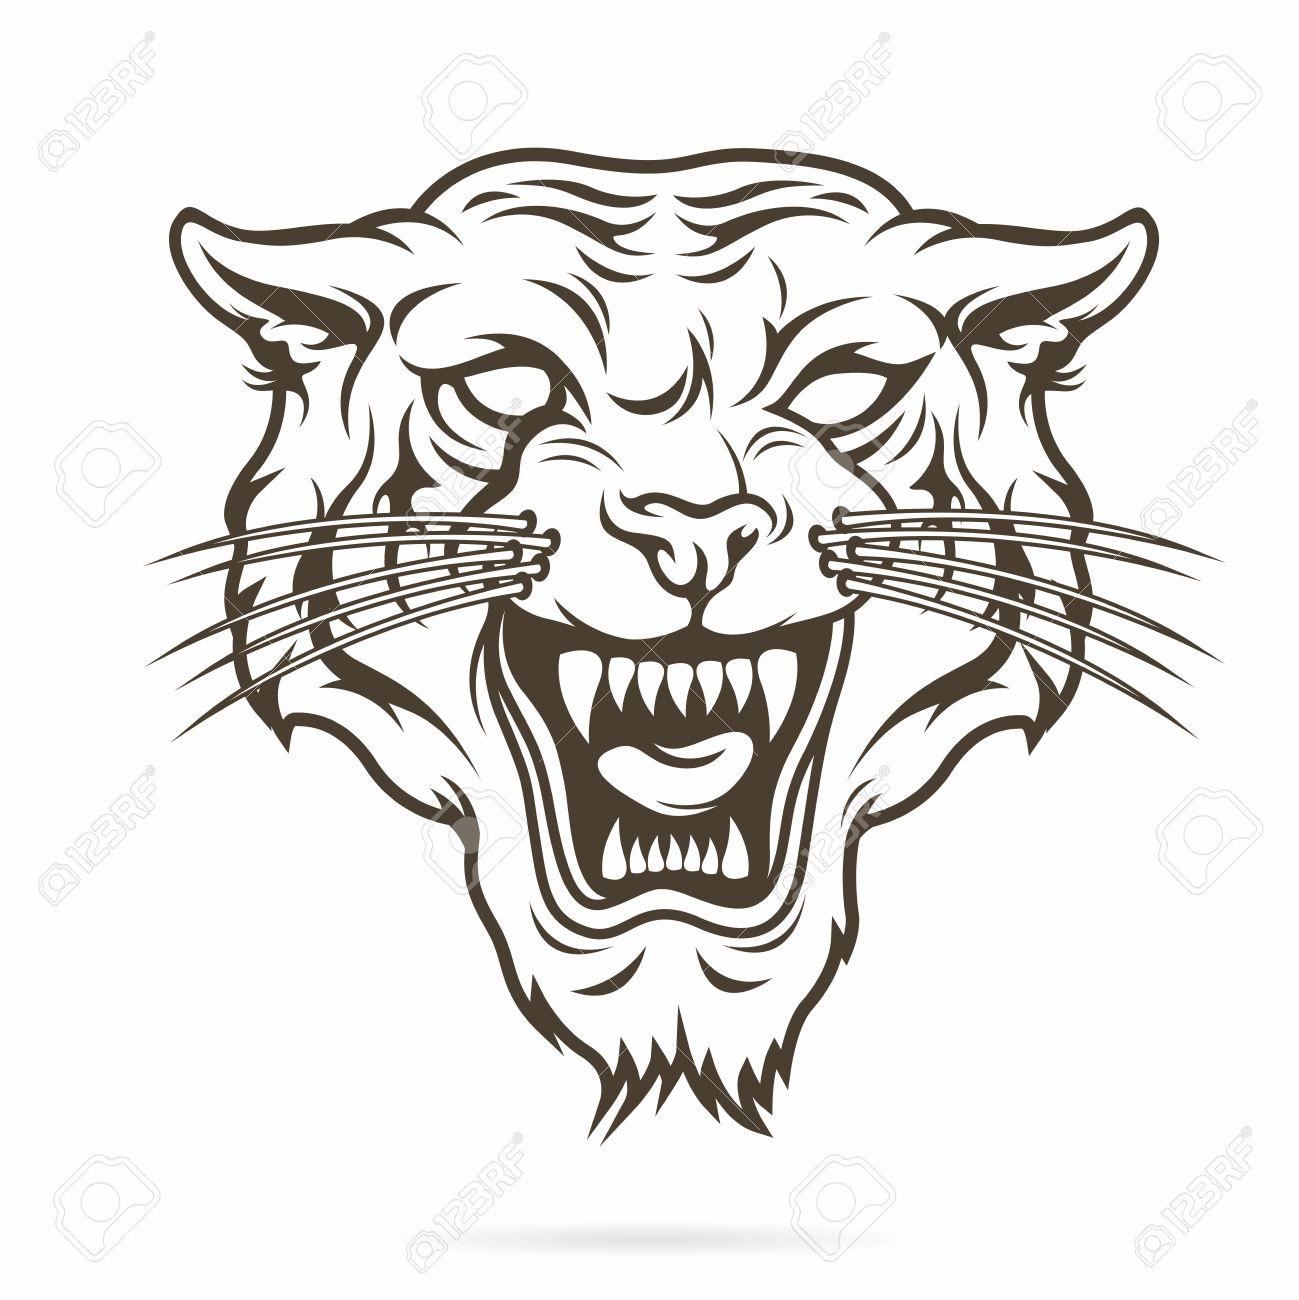 Tattoo Design Angry Tiger Outline Www Miifotos Com